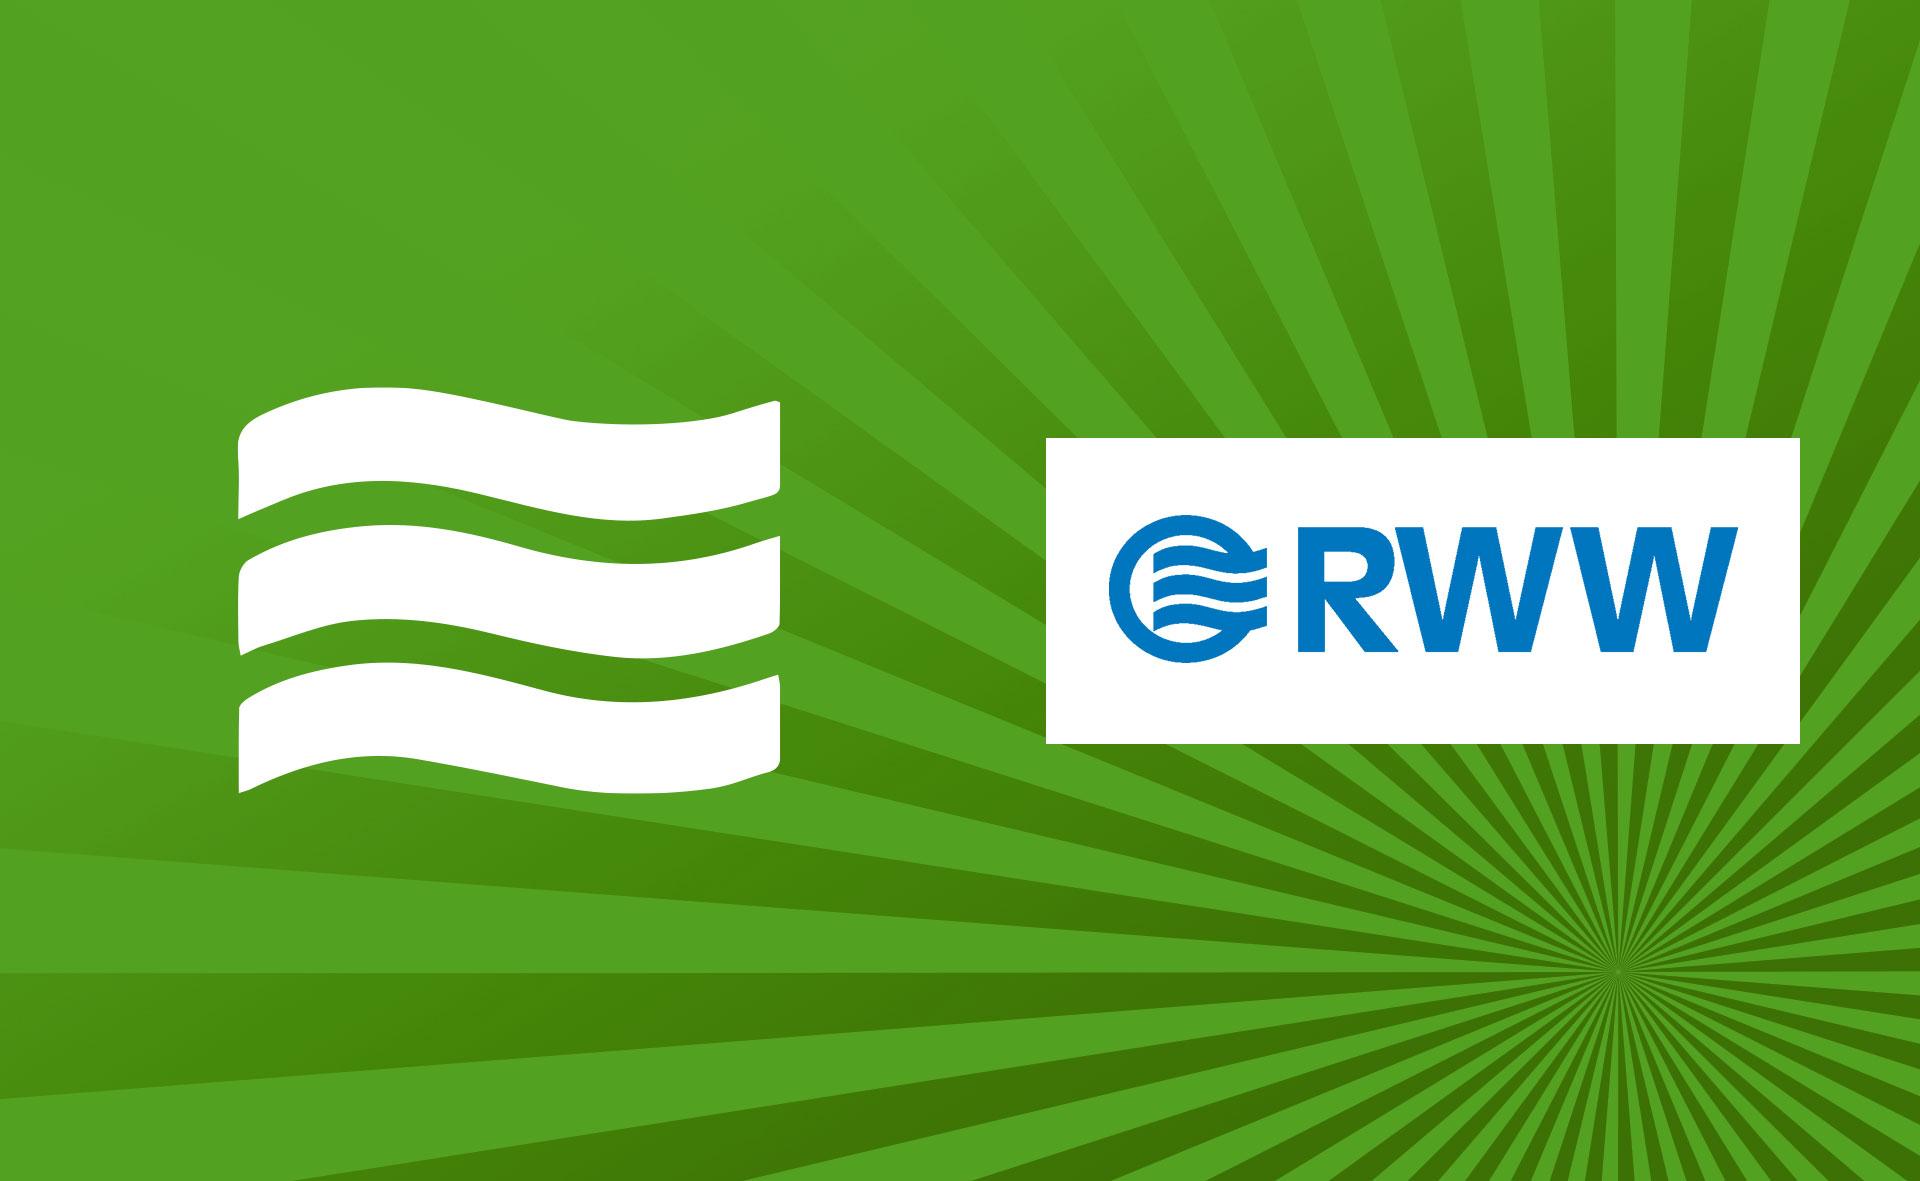 Rheinisch-Westfälische Wasserwerksgesellschaft